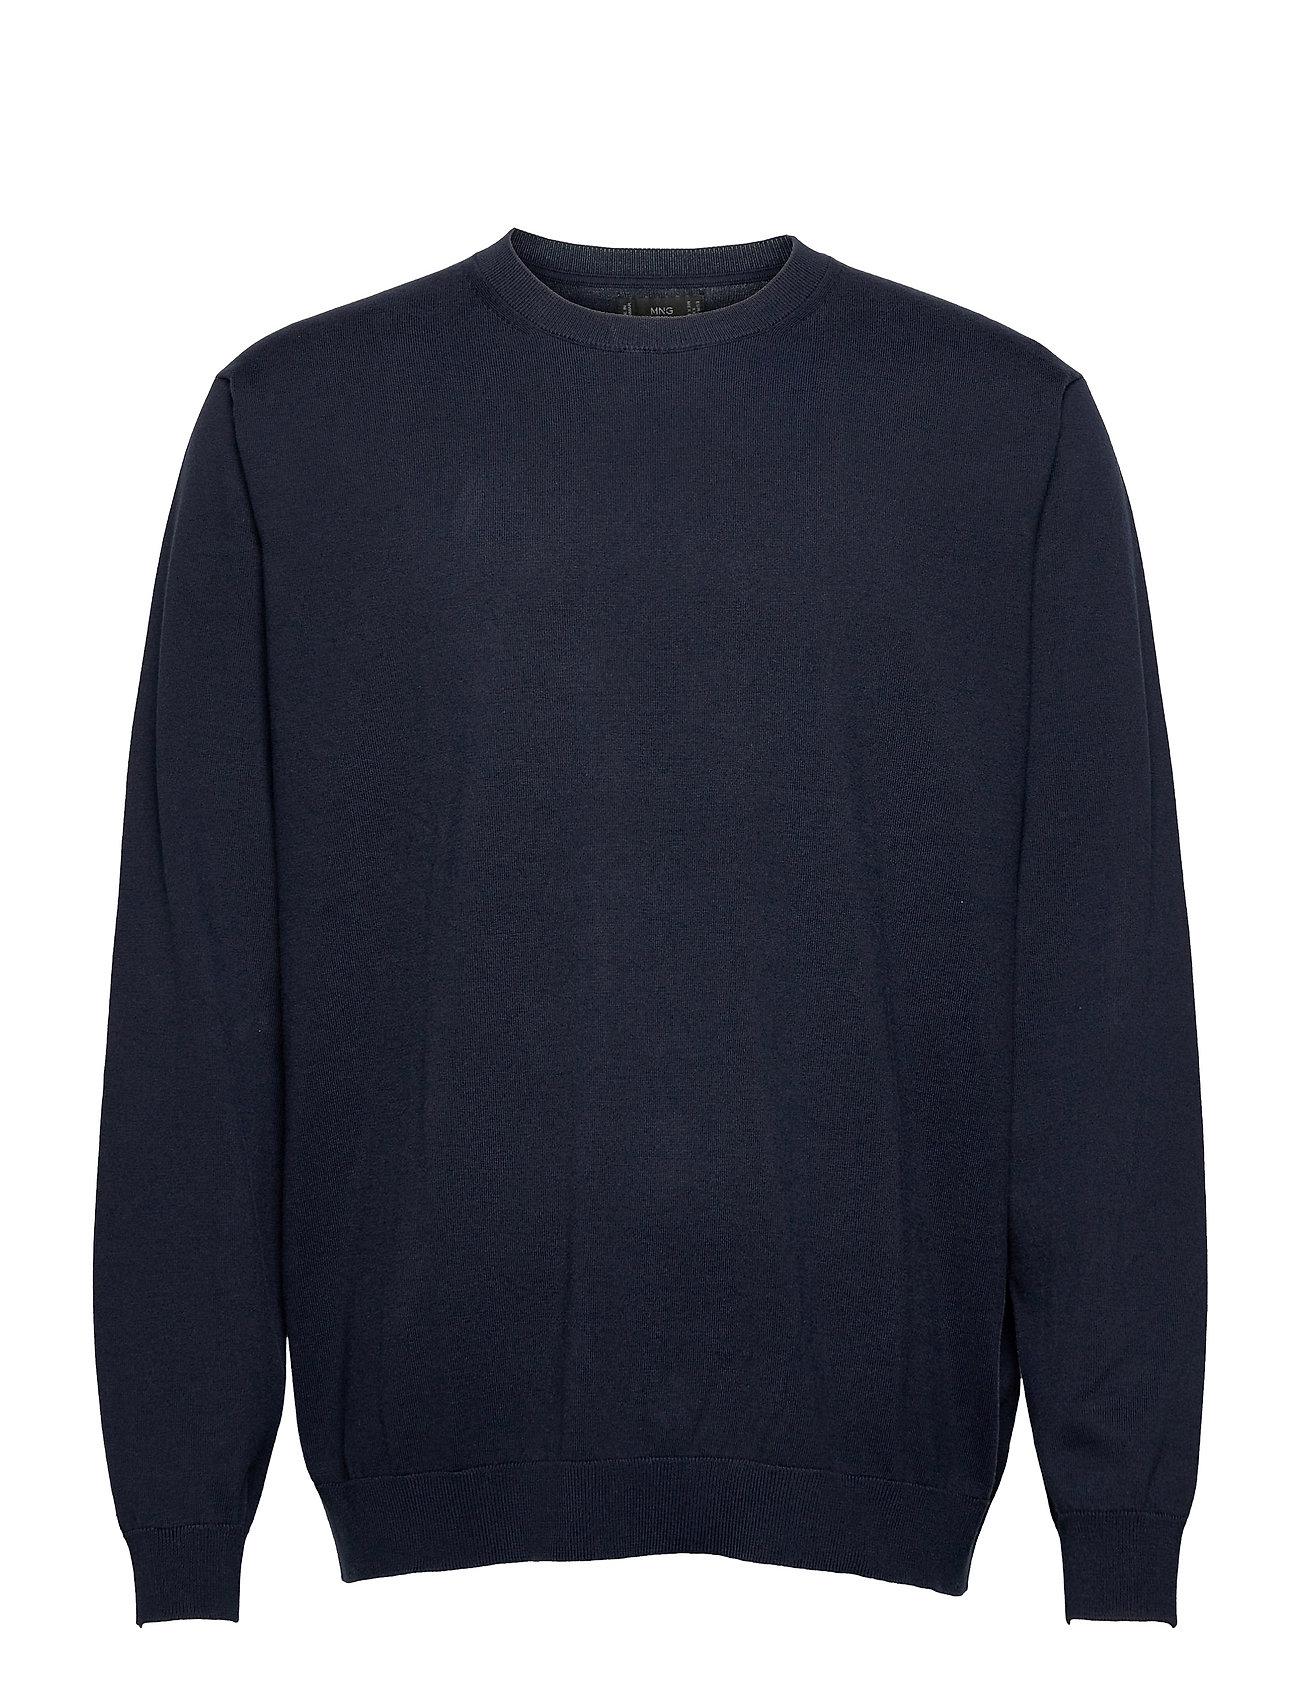 Ten Sweatshirt Trøje Blå Mango